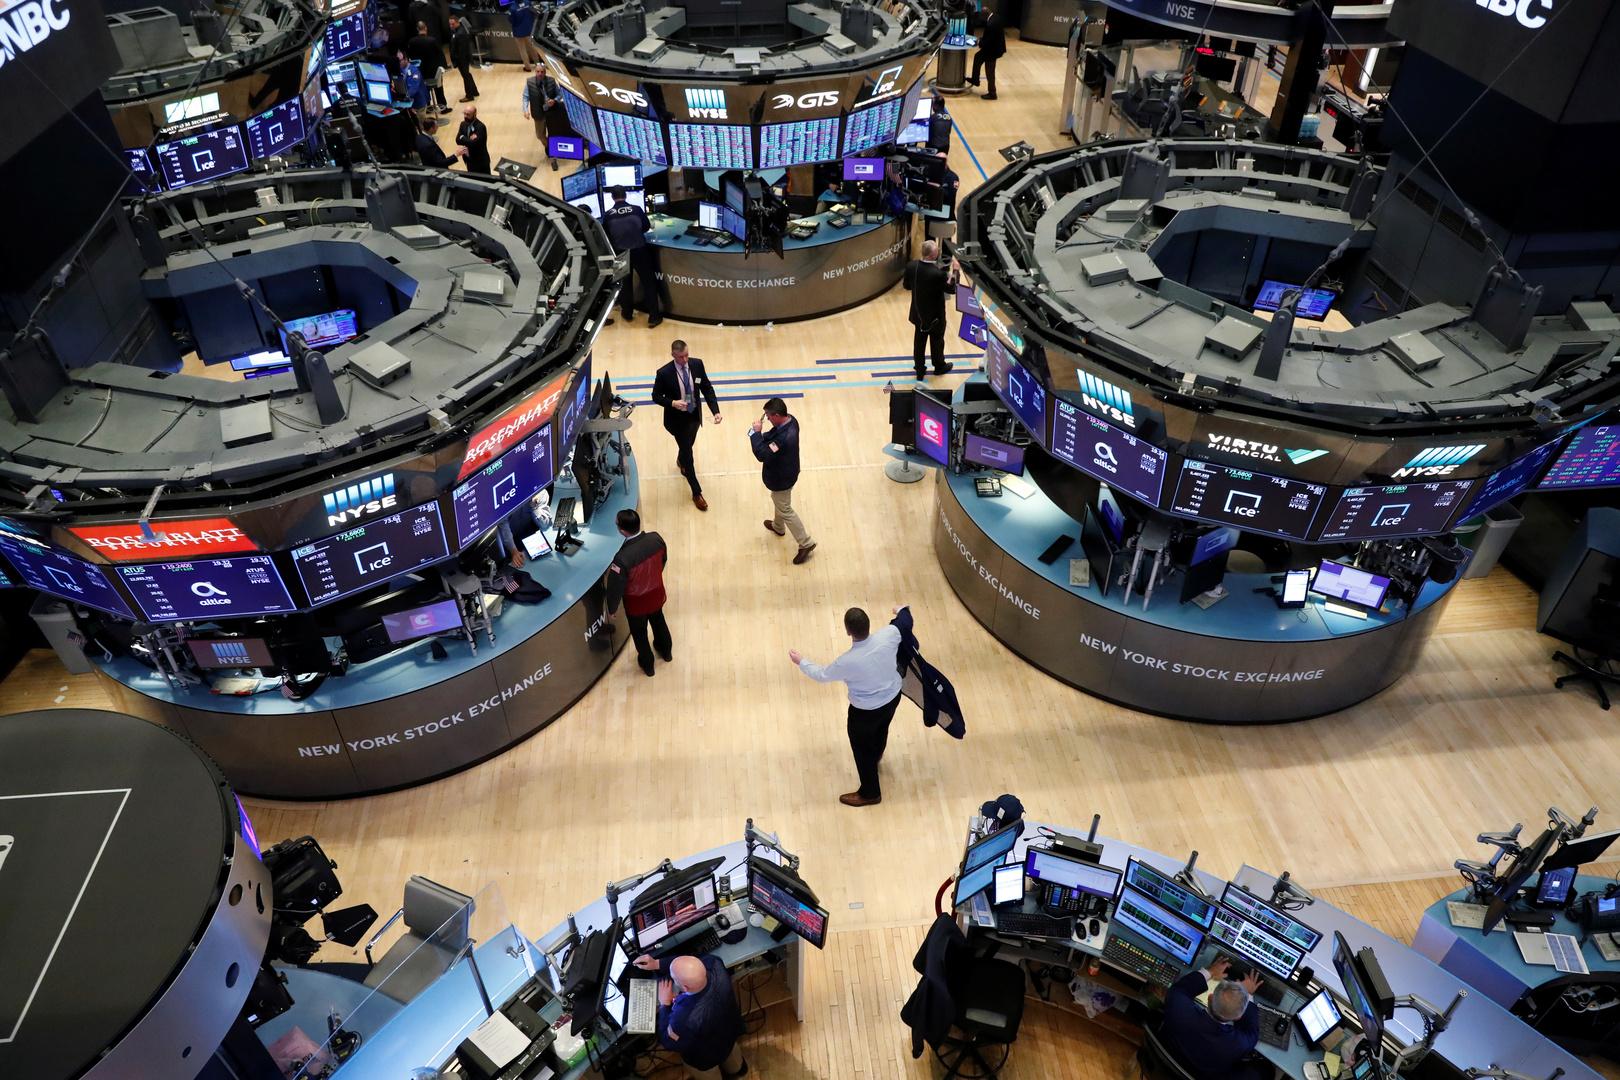 شركة بورصة في نيويورك